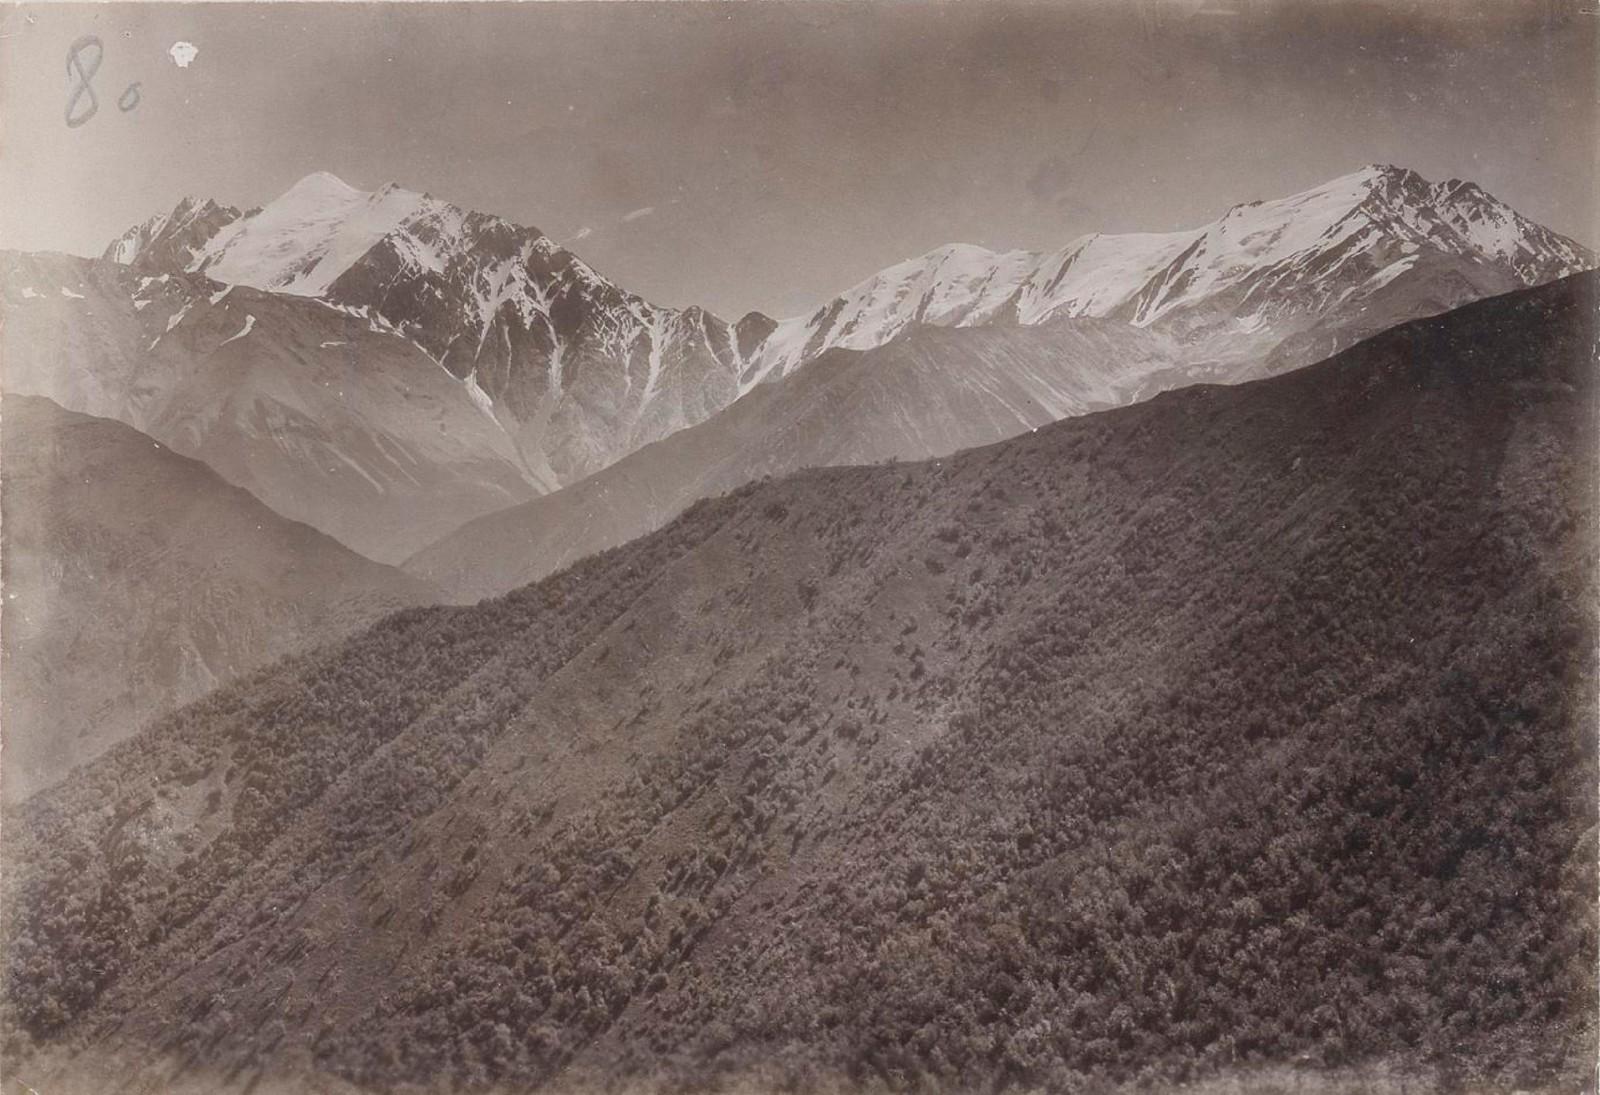 22. Восточный Кавказ. Хевсурские Альпы. Тебулос-мта (слева) и ледяная вершина. Вид к западу от перевала Адзоунта. Август